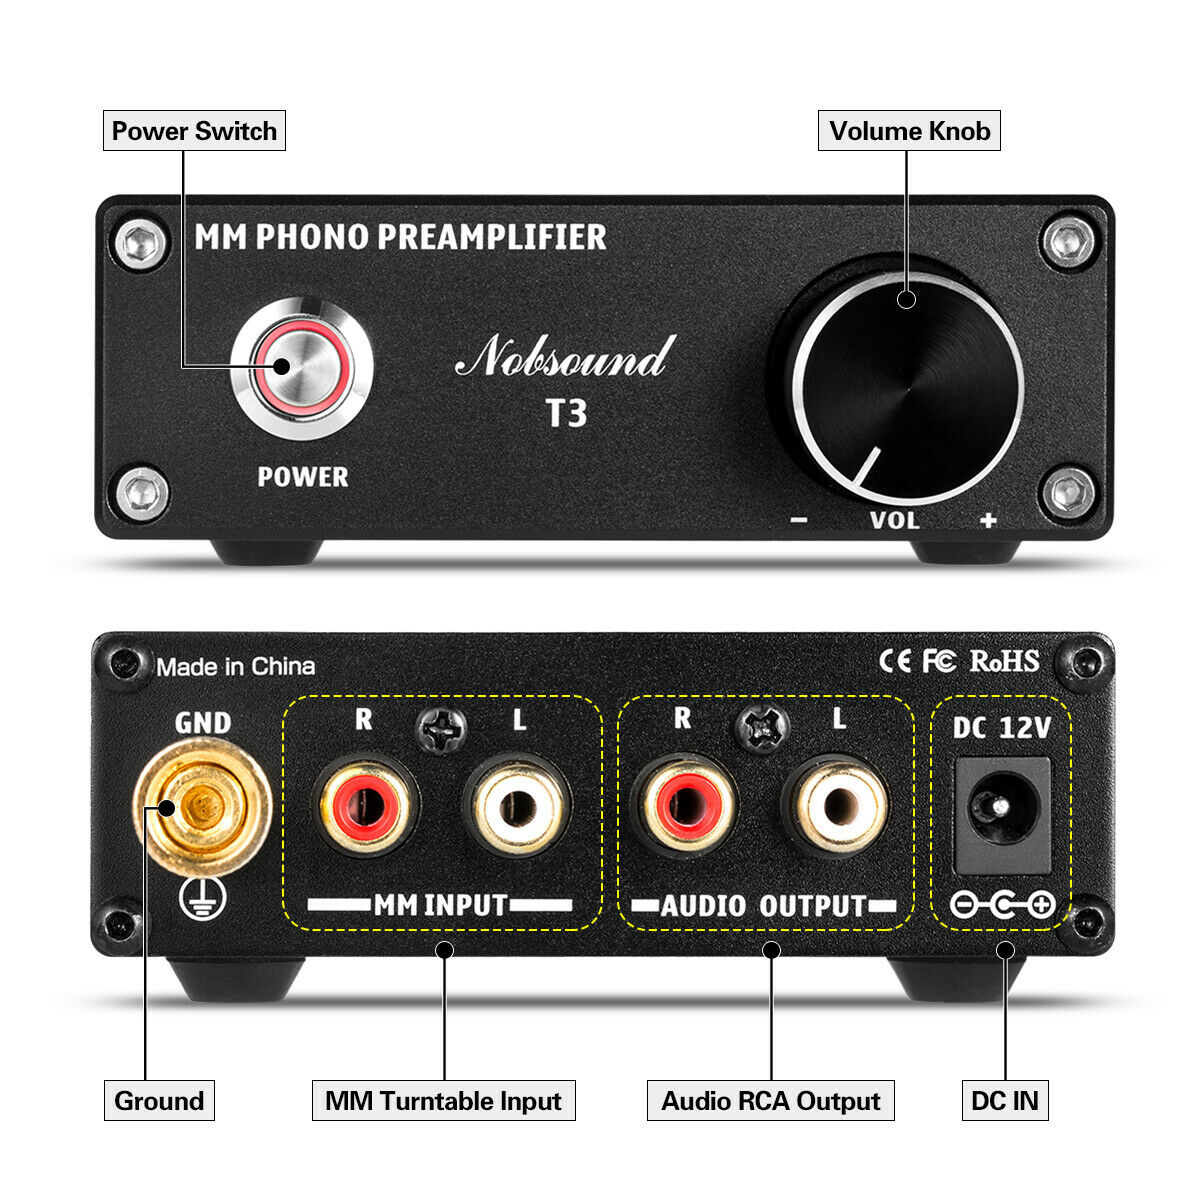 Nobsound Mini T3 MM préampli Phono lecteur de disque préamplificateur HiFi platine amplificateur - 3